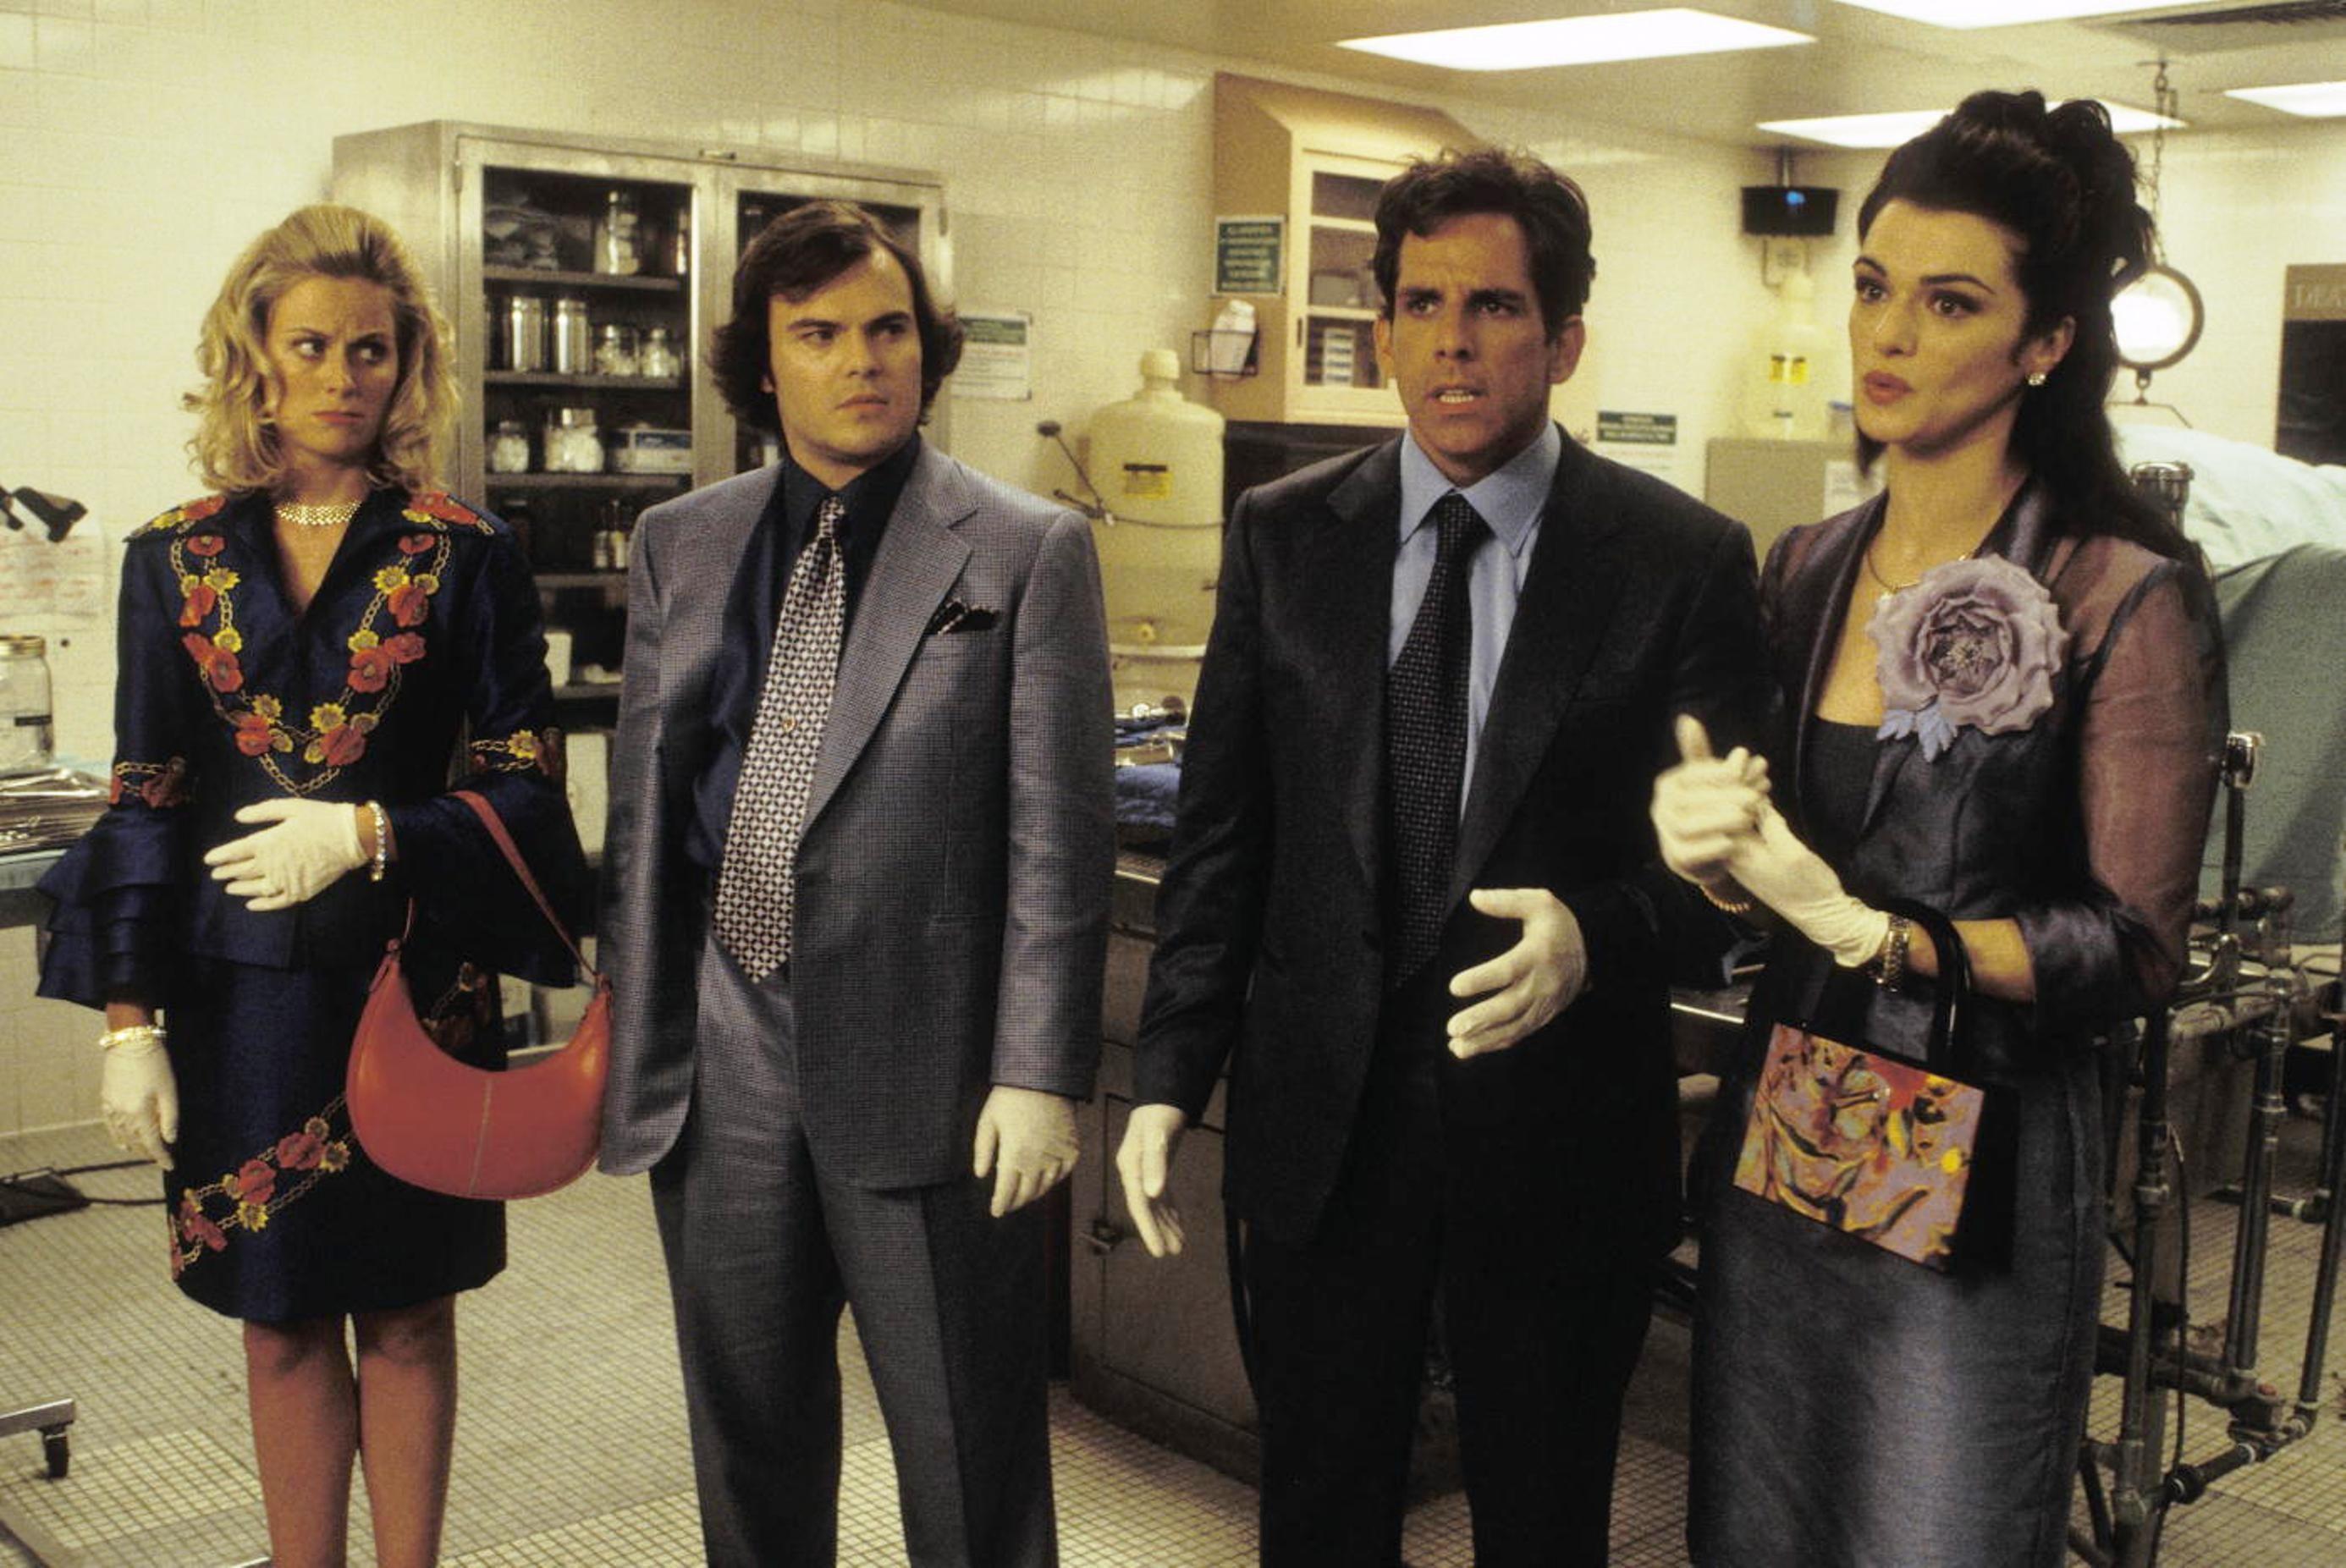 Envy Movie Still 2004 L To R Amy Poehler Jack Black Ben Stiller Rachel Weisz Plot A Man Stiller Becom Rachel Weisz Movies Jack Black Rachel Weisz